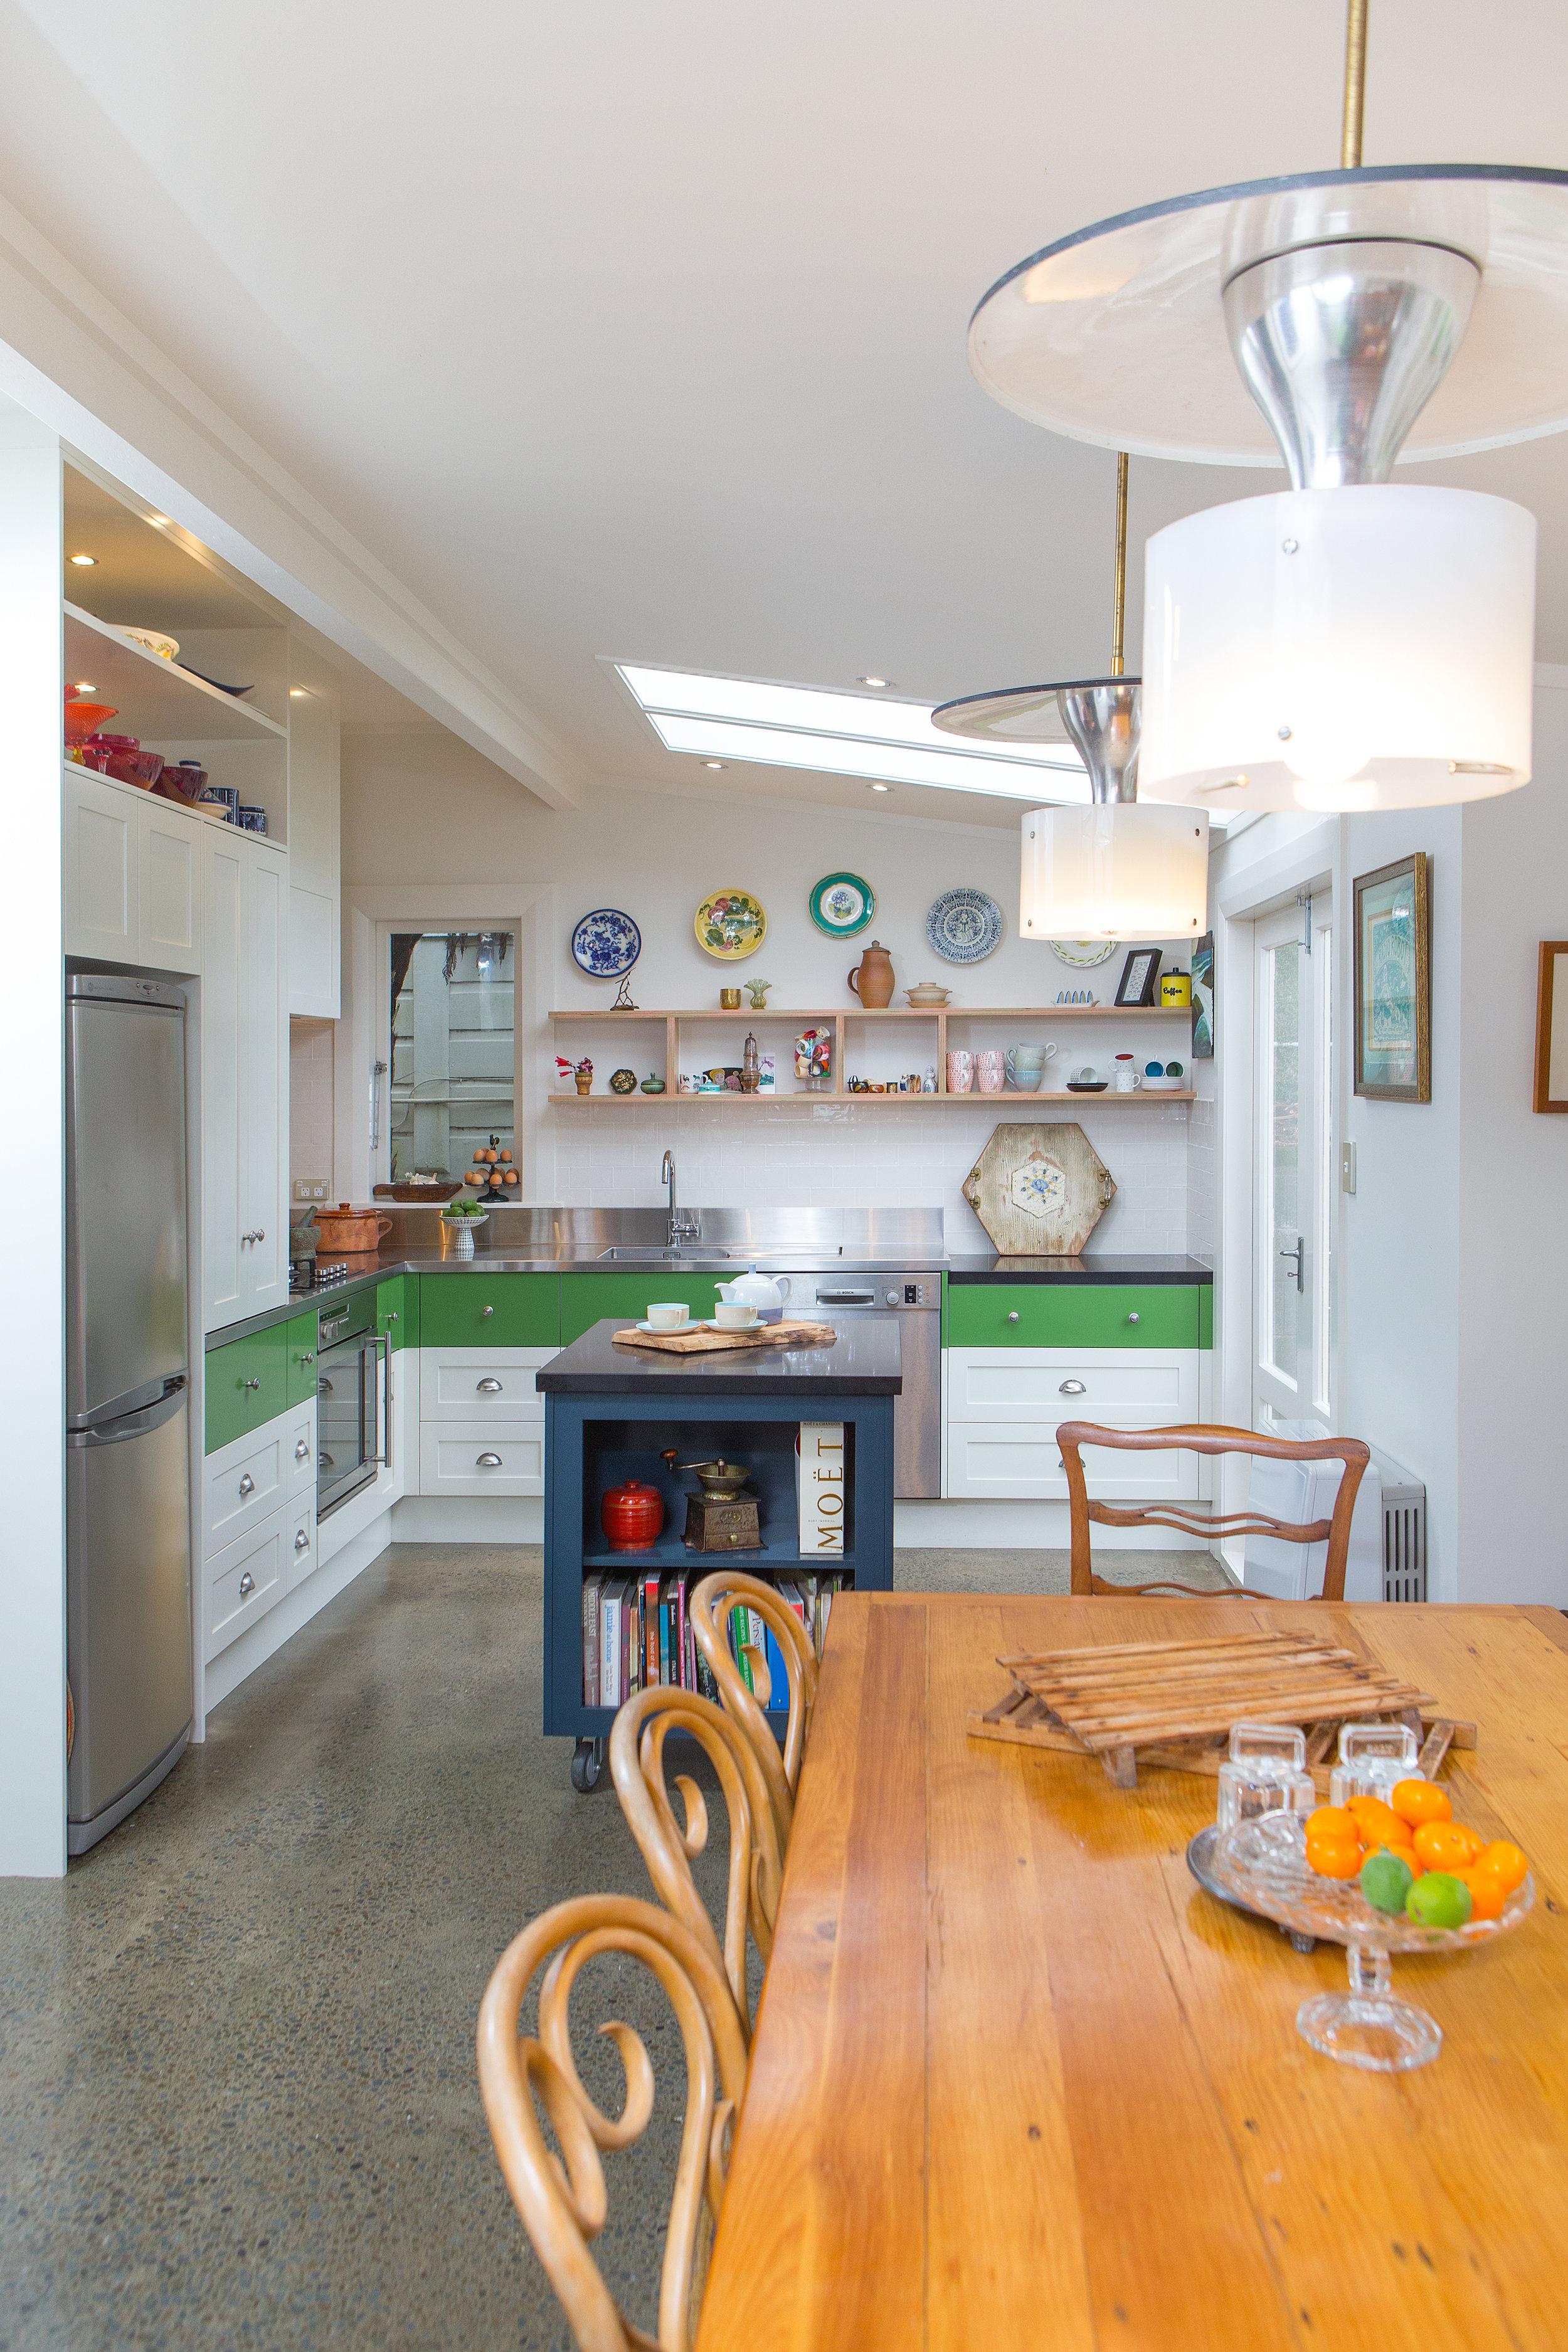 In Haus Design Green Kitchen 02.jpg